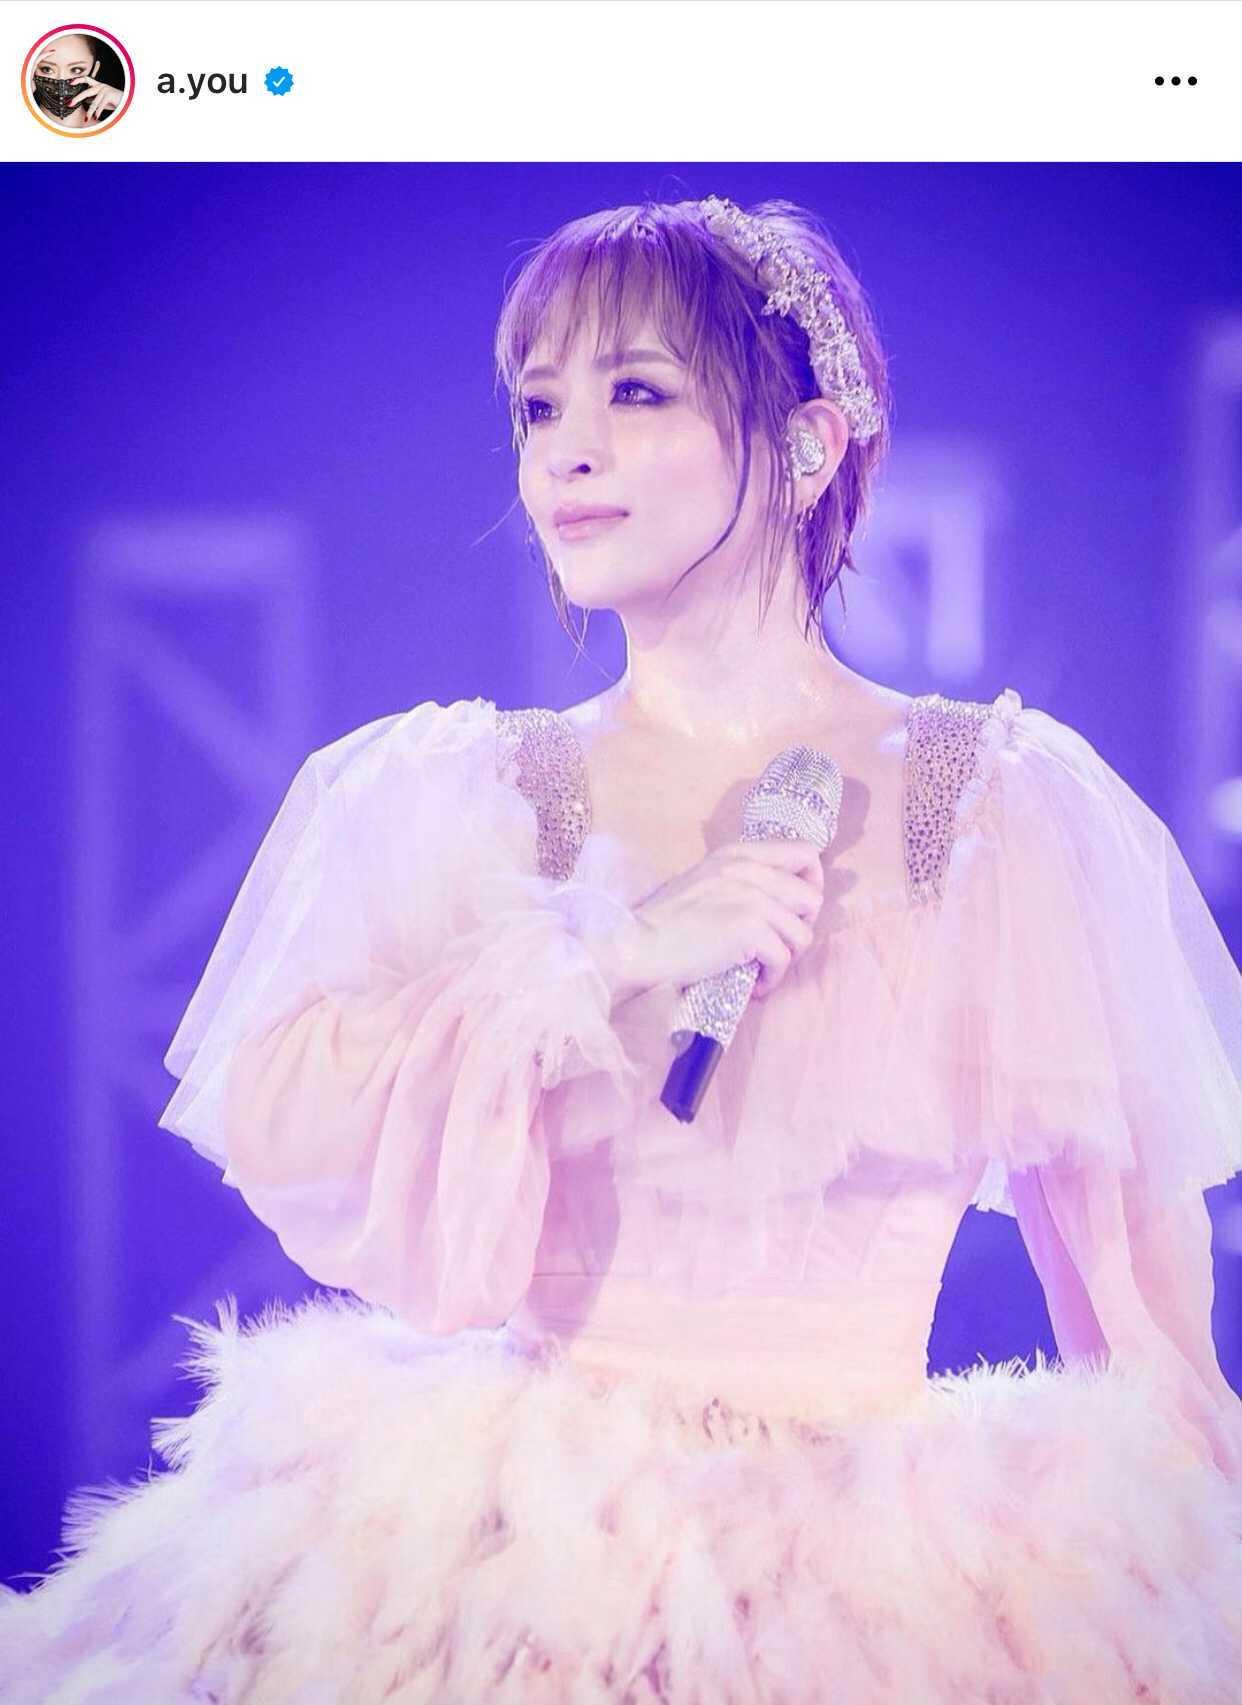 浜崎あゆみ、豪華ドレスのステージSHOT&ゲネプロを回想「壮大で美しすぎて胸がギュッとなる…」